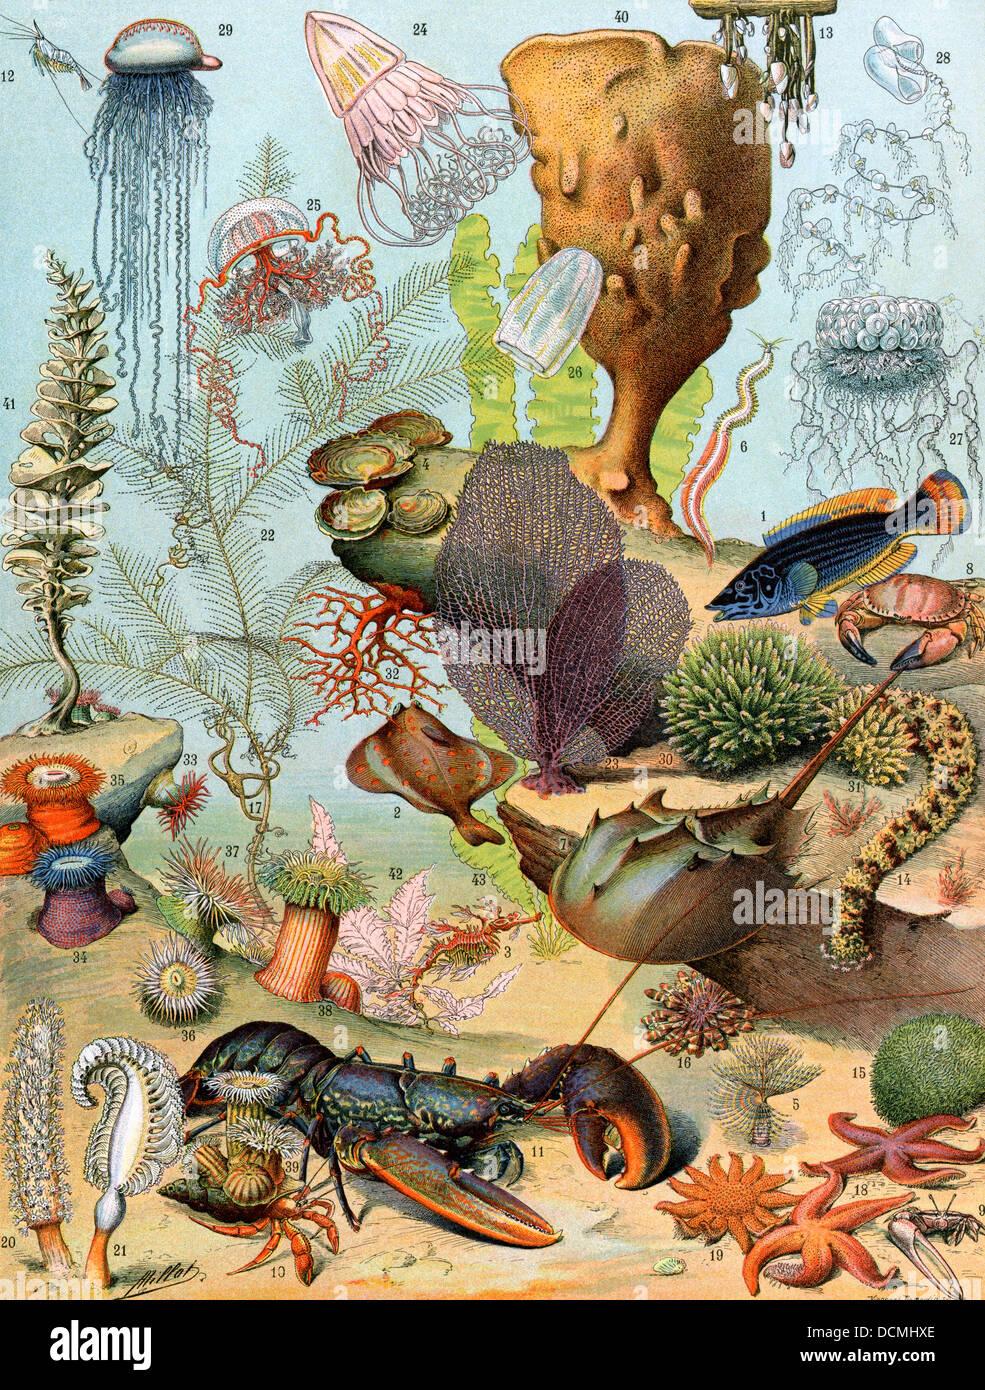 La vida en los fondos marinos, incluidos los crustáceos y moluscos. Litografía de color Imagen De Stock